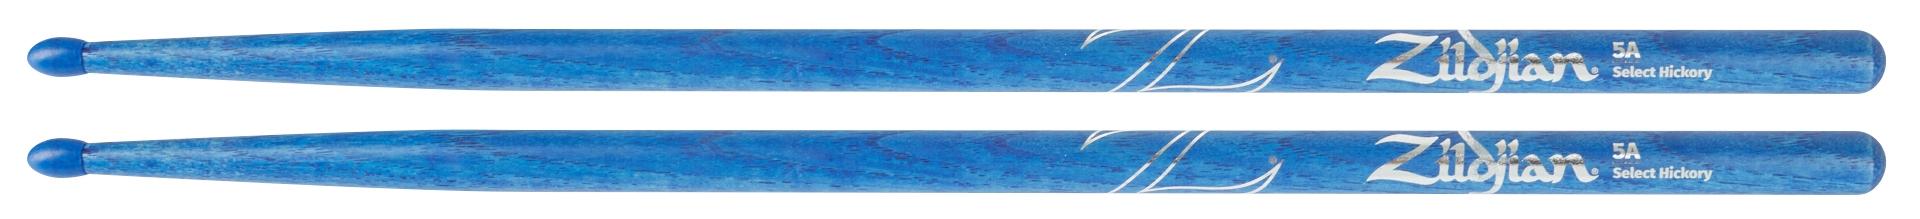 ZILDJIAN 5A Nylon Blue